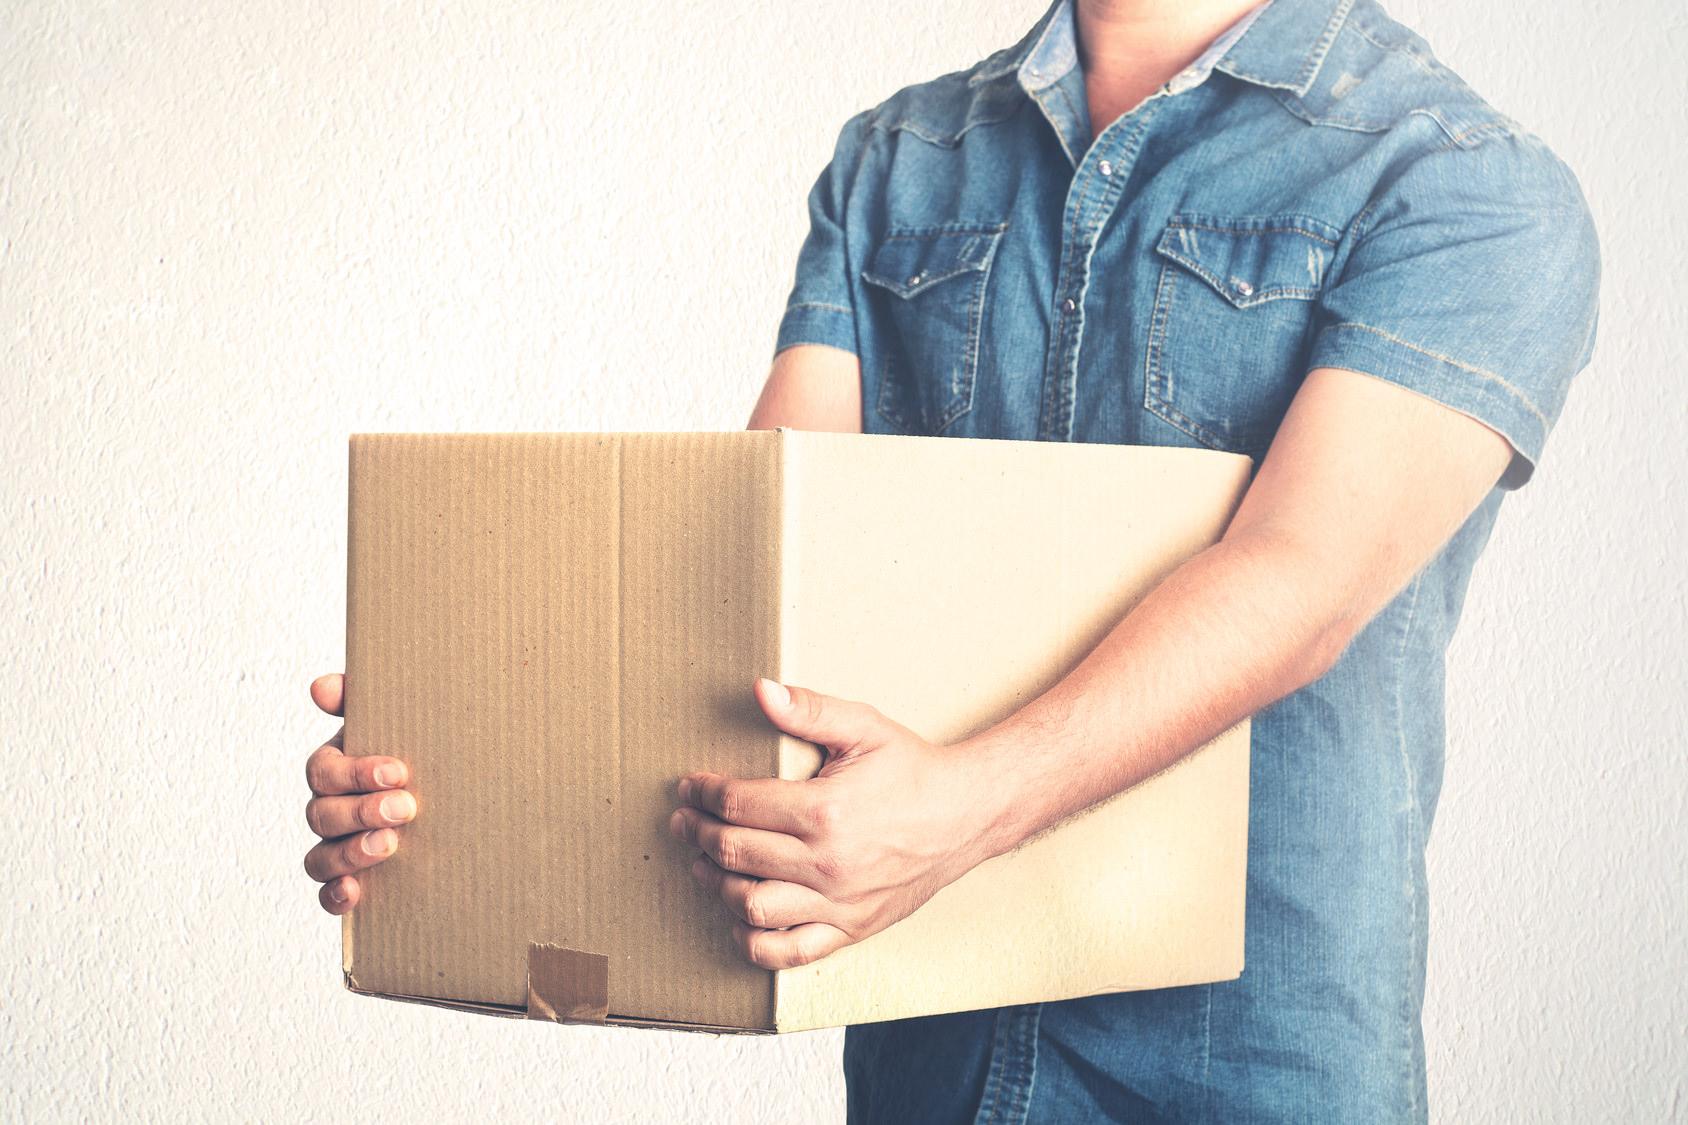 Bailleur tout ce qu il faut savoir sur les pr avis de logement - Droit du locataire en cas de vente du logement ...